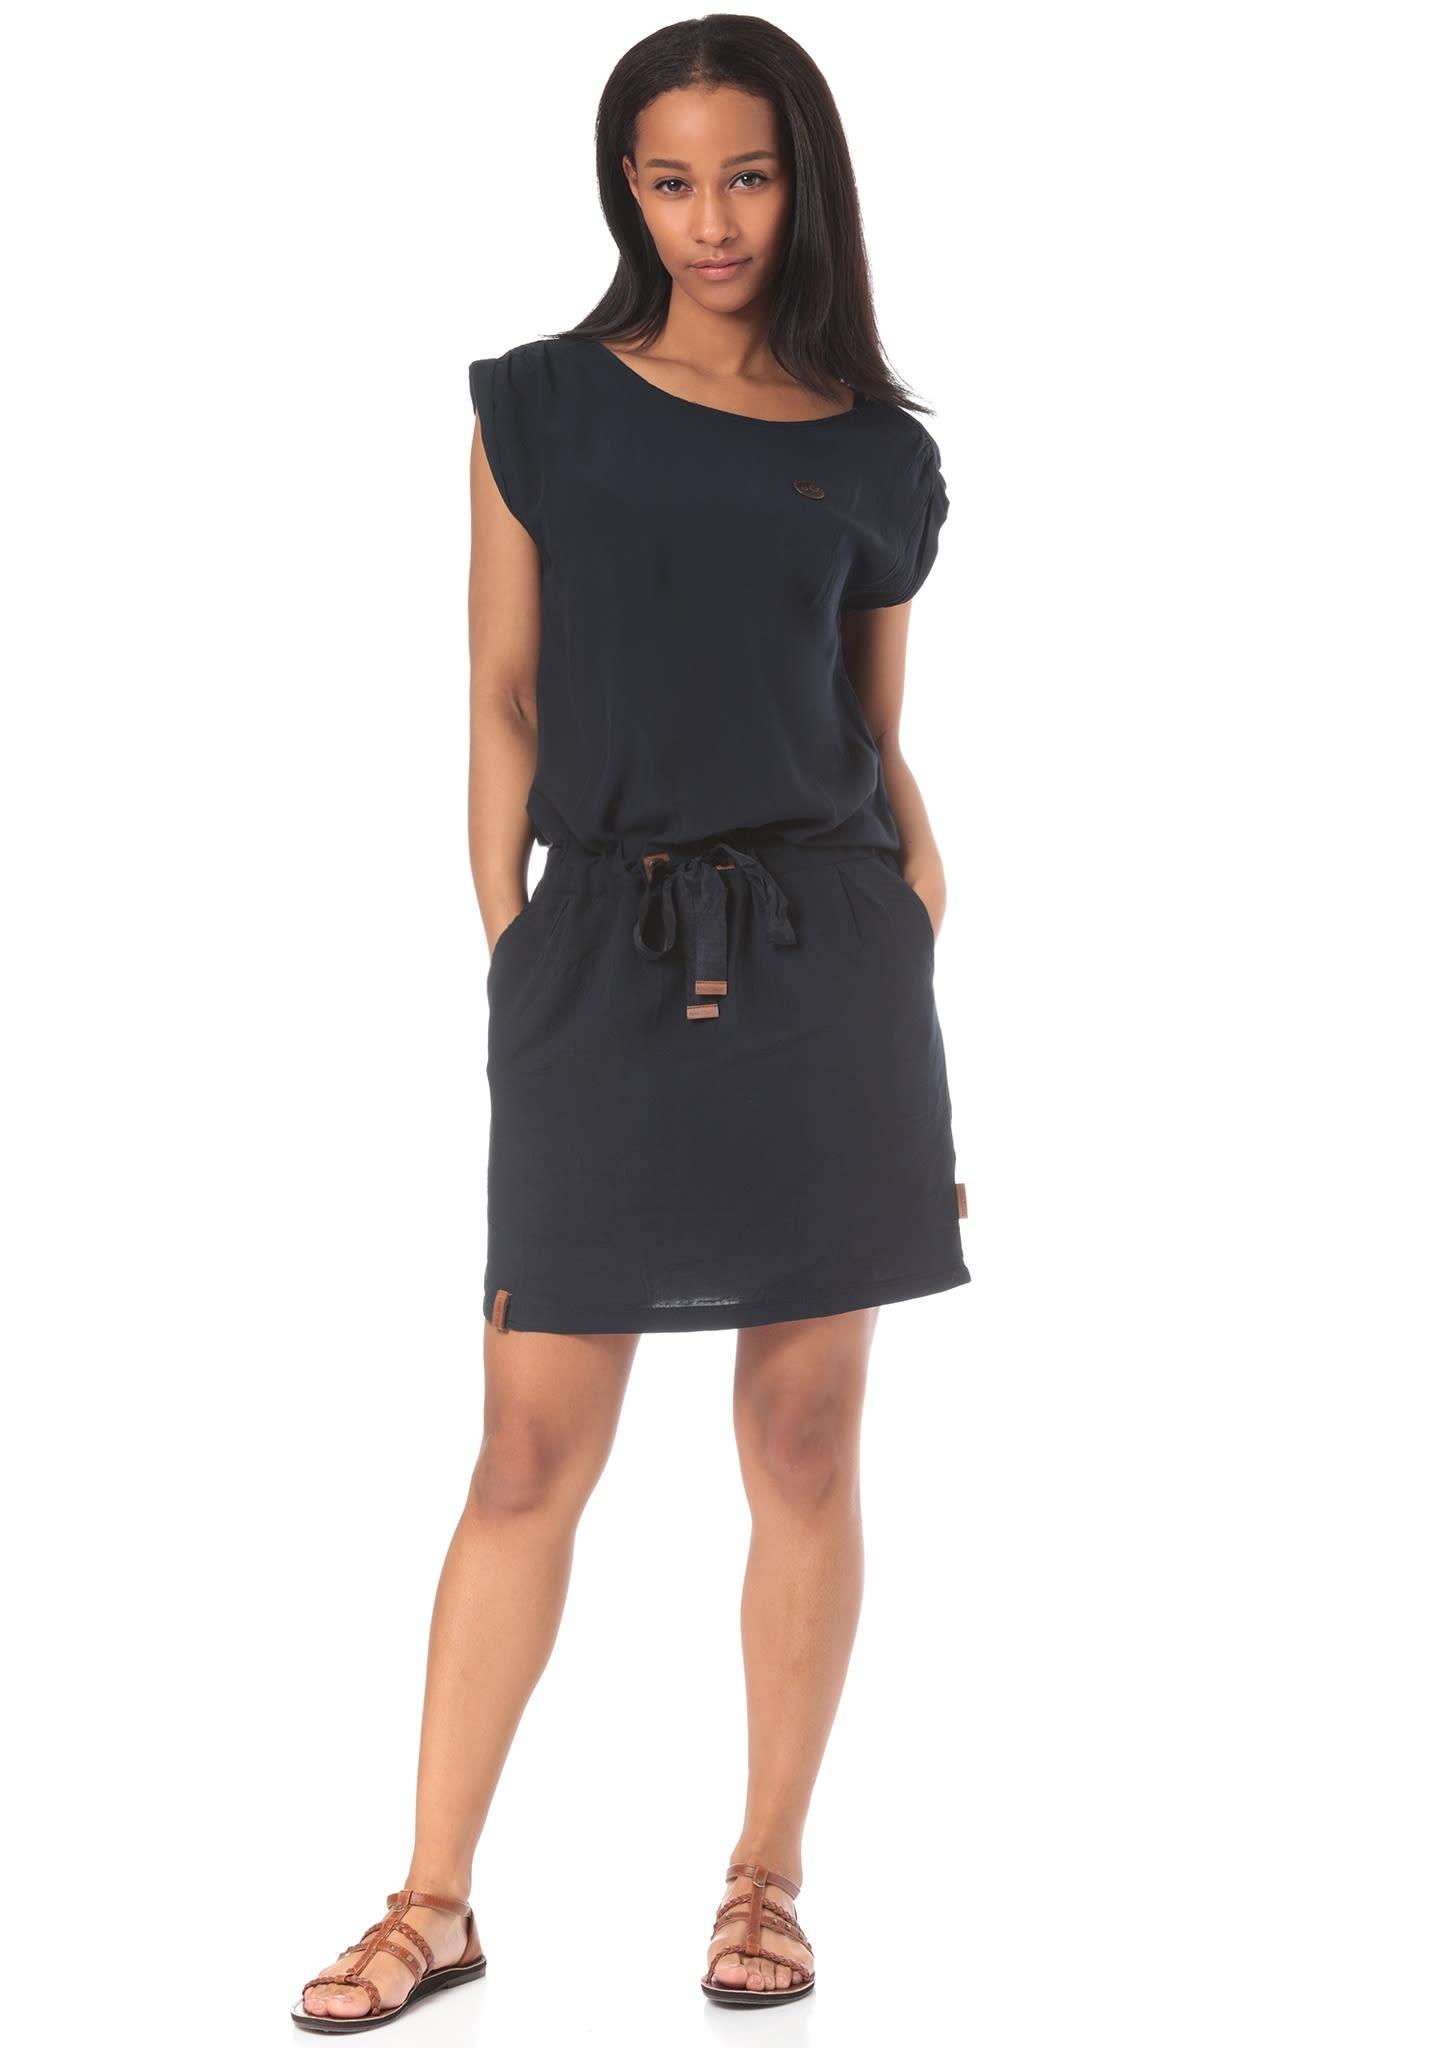 Formal Schön Kleider Für Damen Vertrieb Wunderbar Kleider Für Damen Spezialgebiet